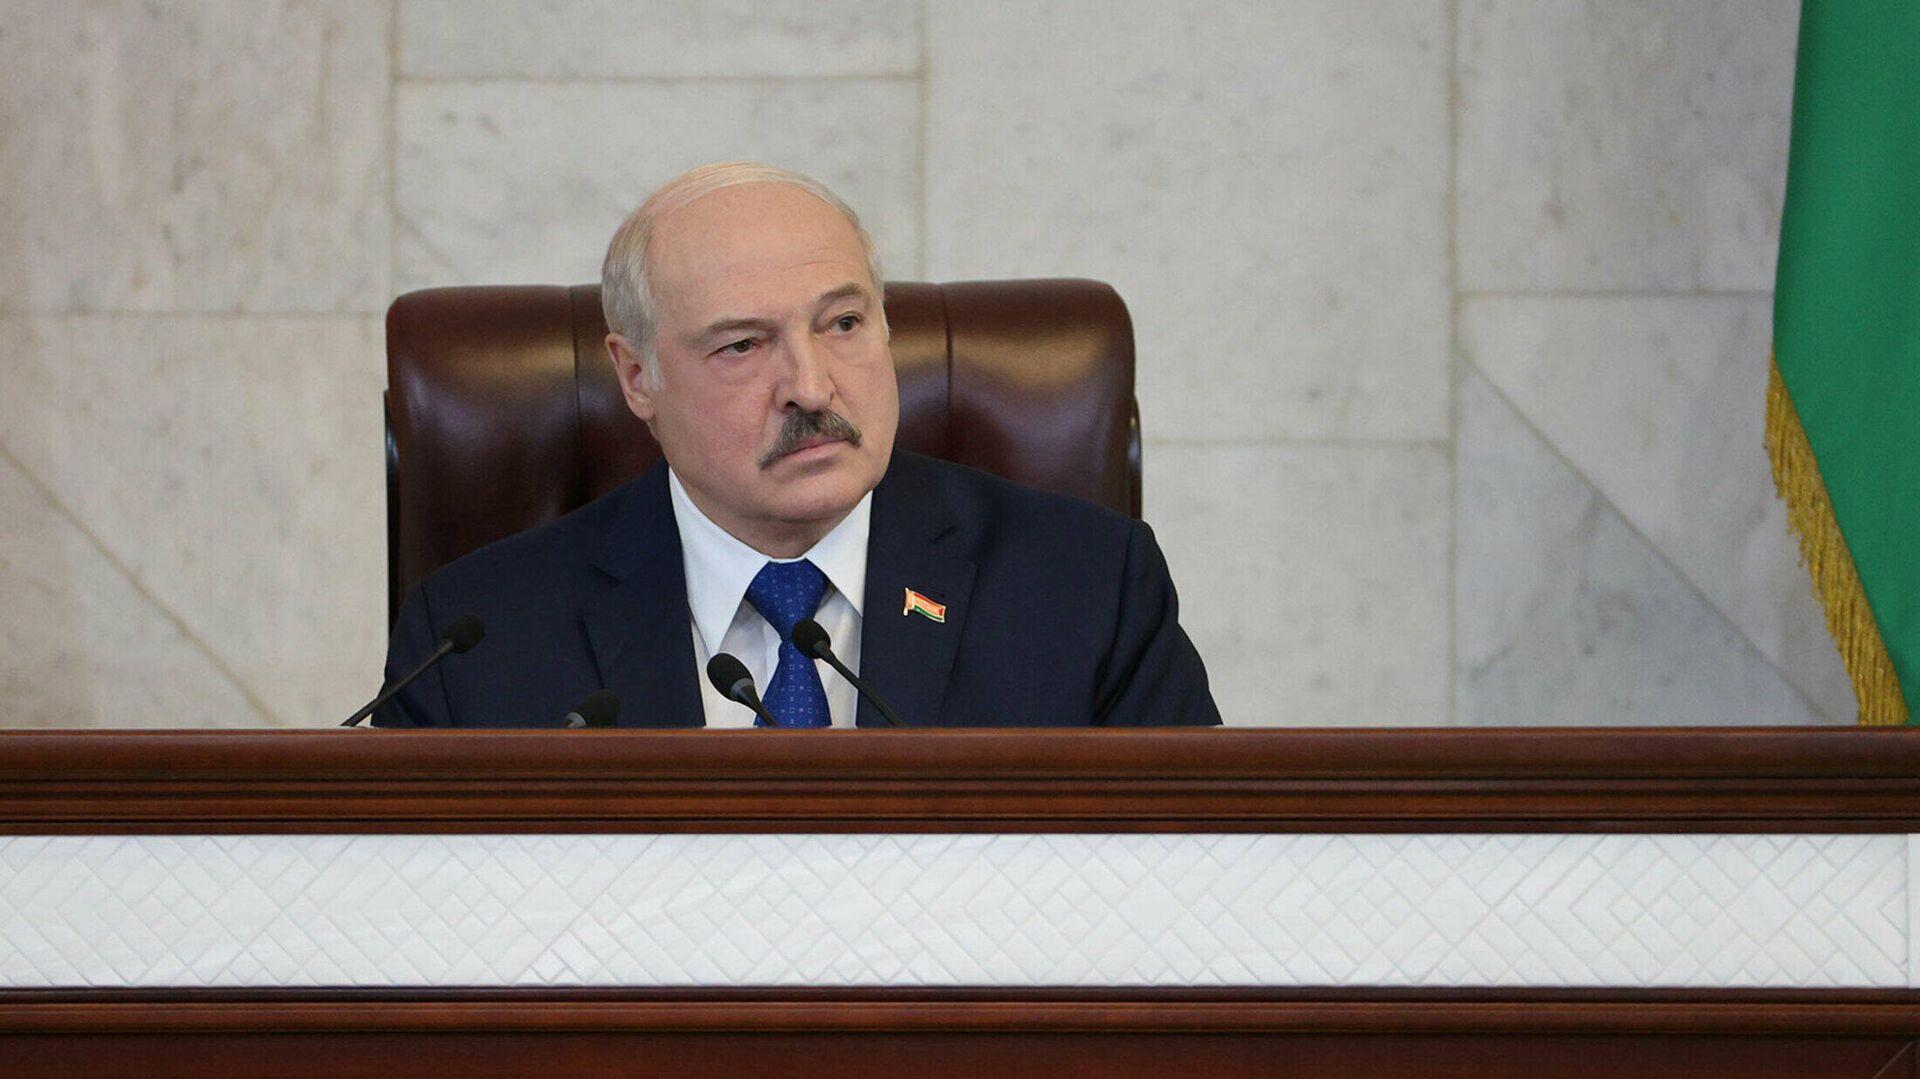 Президент Лукашенко предупредил бизнесменов об ответственности за зарплаты в конвертах